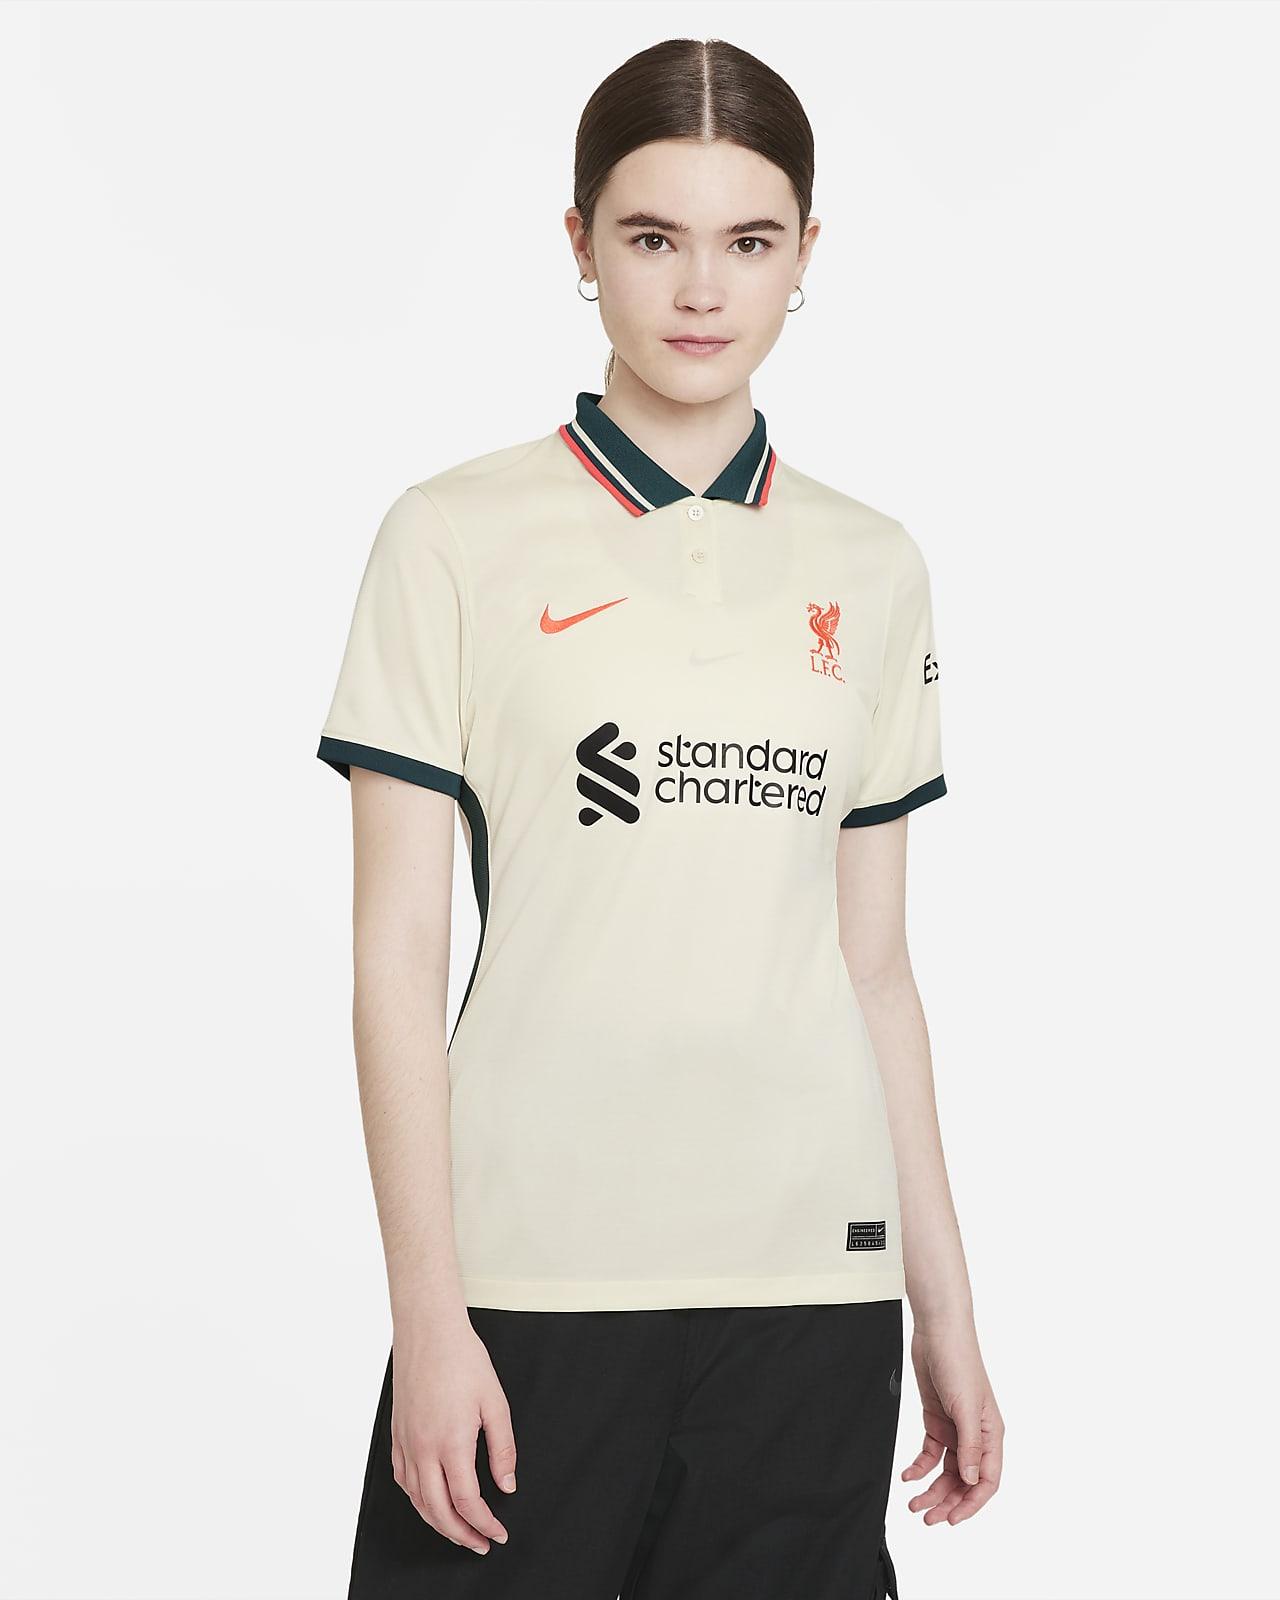 Liverpool FC 2021/22 Stadium idegenbeli Nike Dri-FIT női futballmez